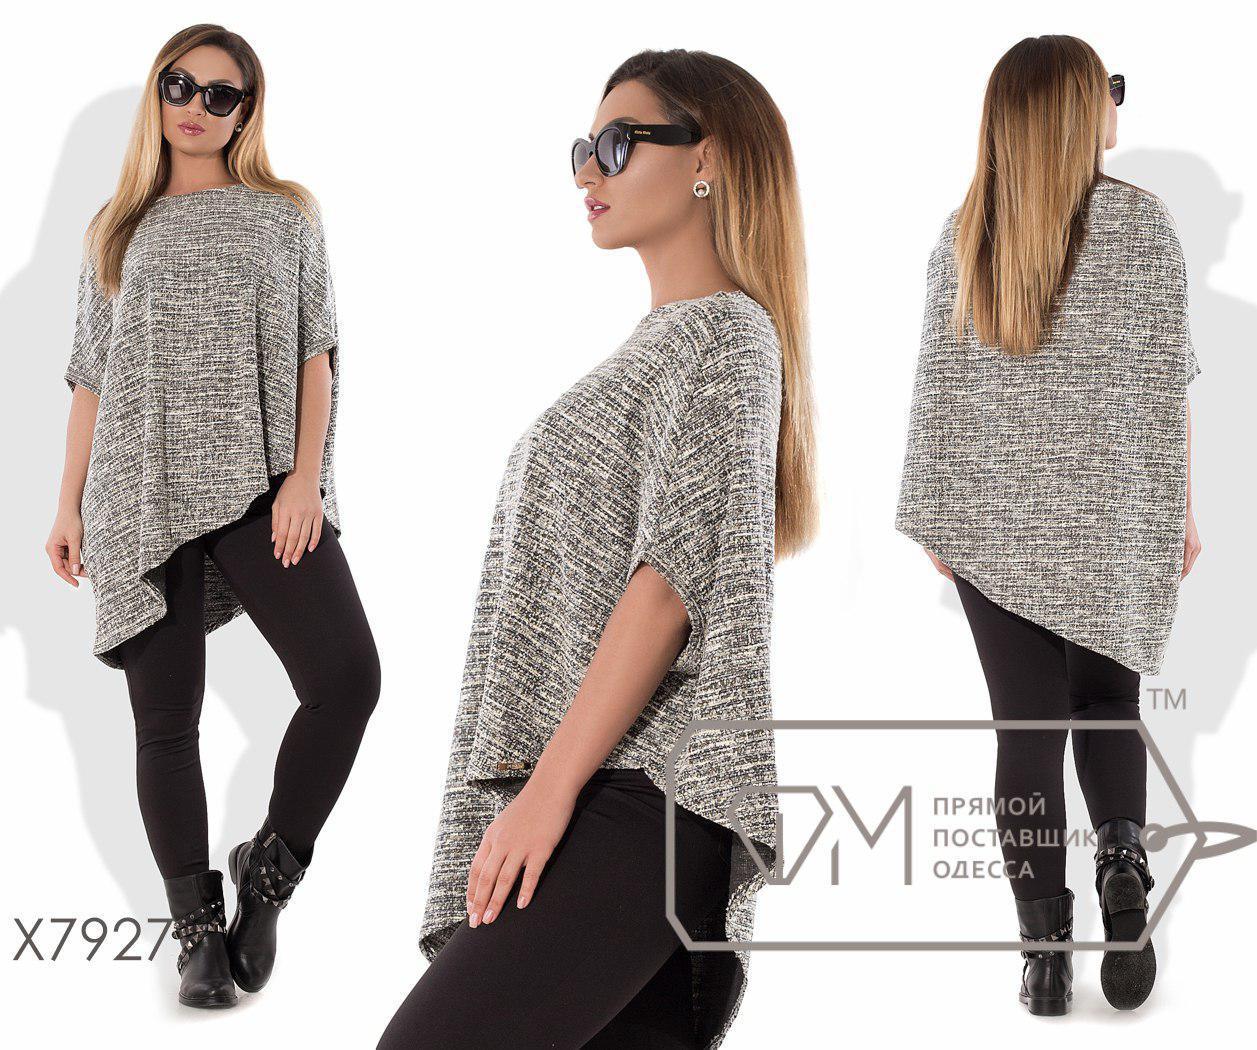 Свободная женская ангоровая блуза в больших размерах fmx7927